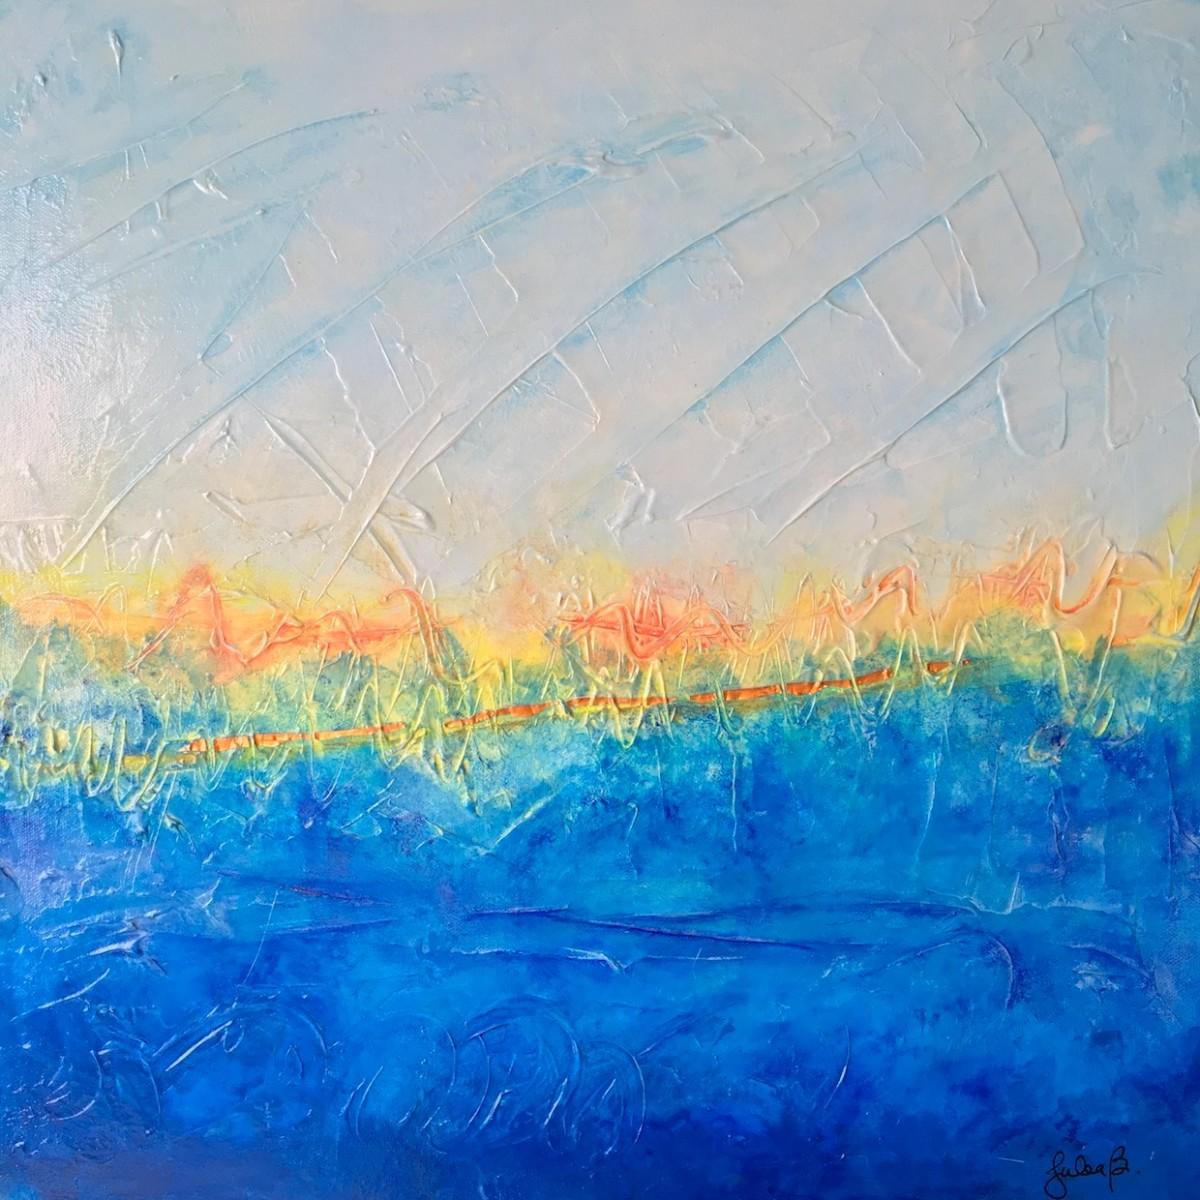 Midsummer by Julea Boswell